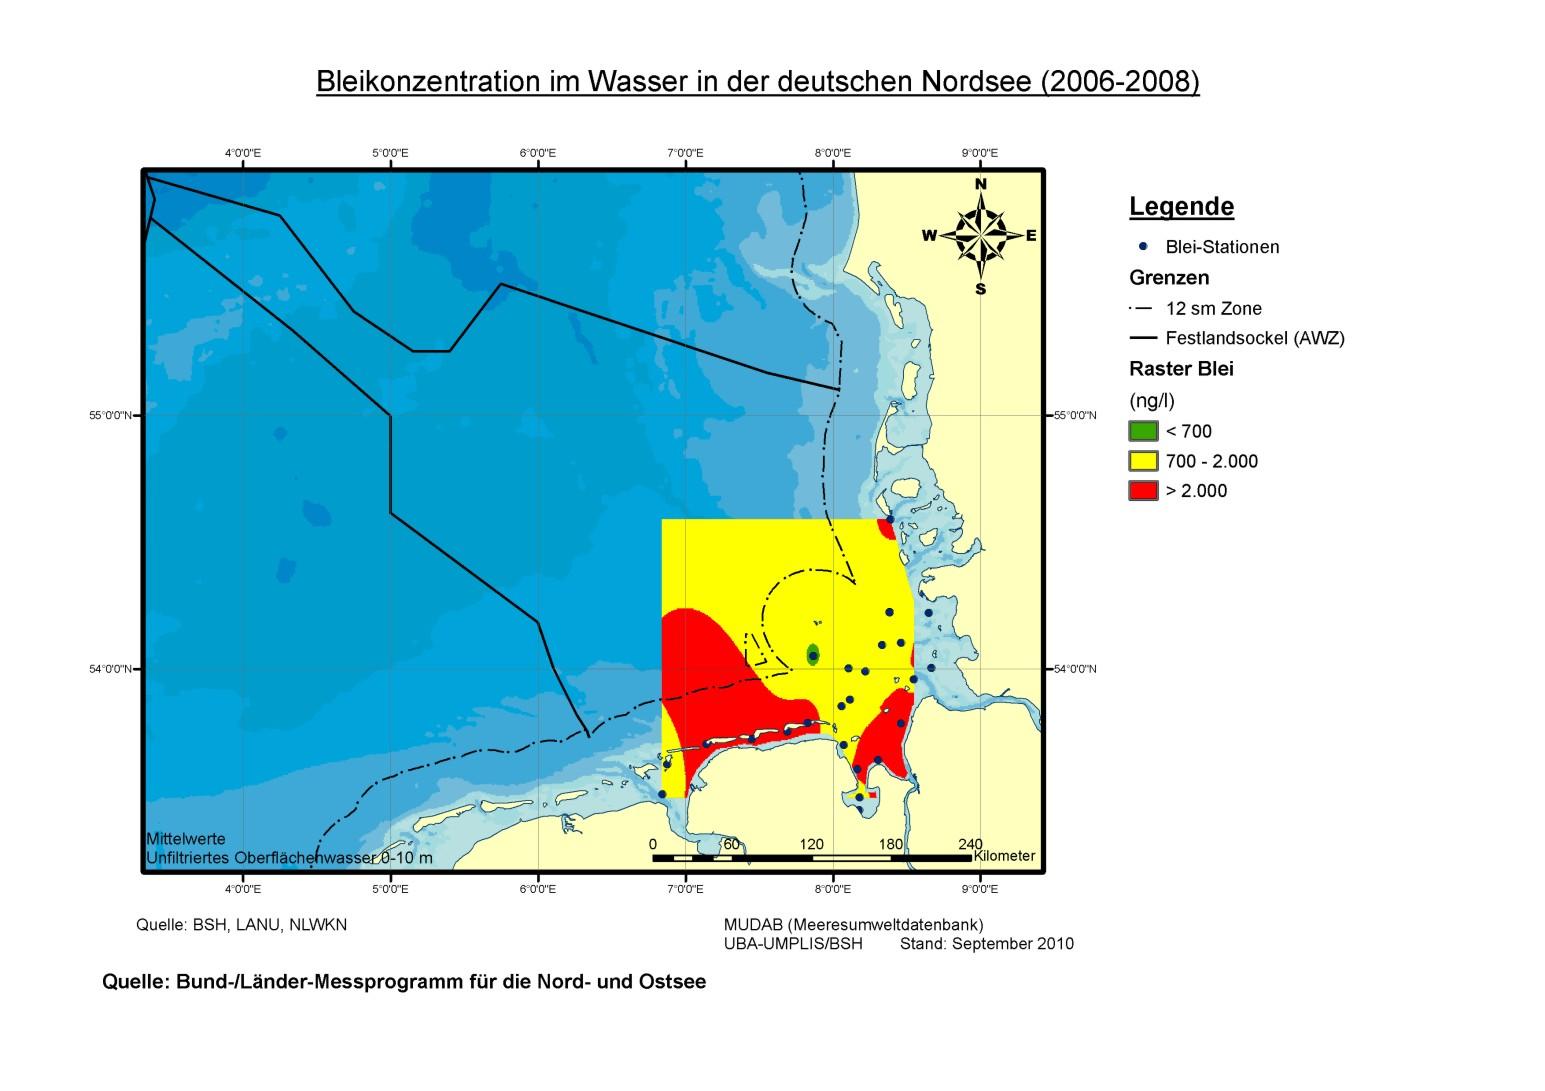 Von Blei wurden in den Jahren 2006 bis 2008 vor allem im küstennahen Wasser häufig hohe Gehalte gemessen.